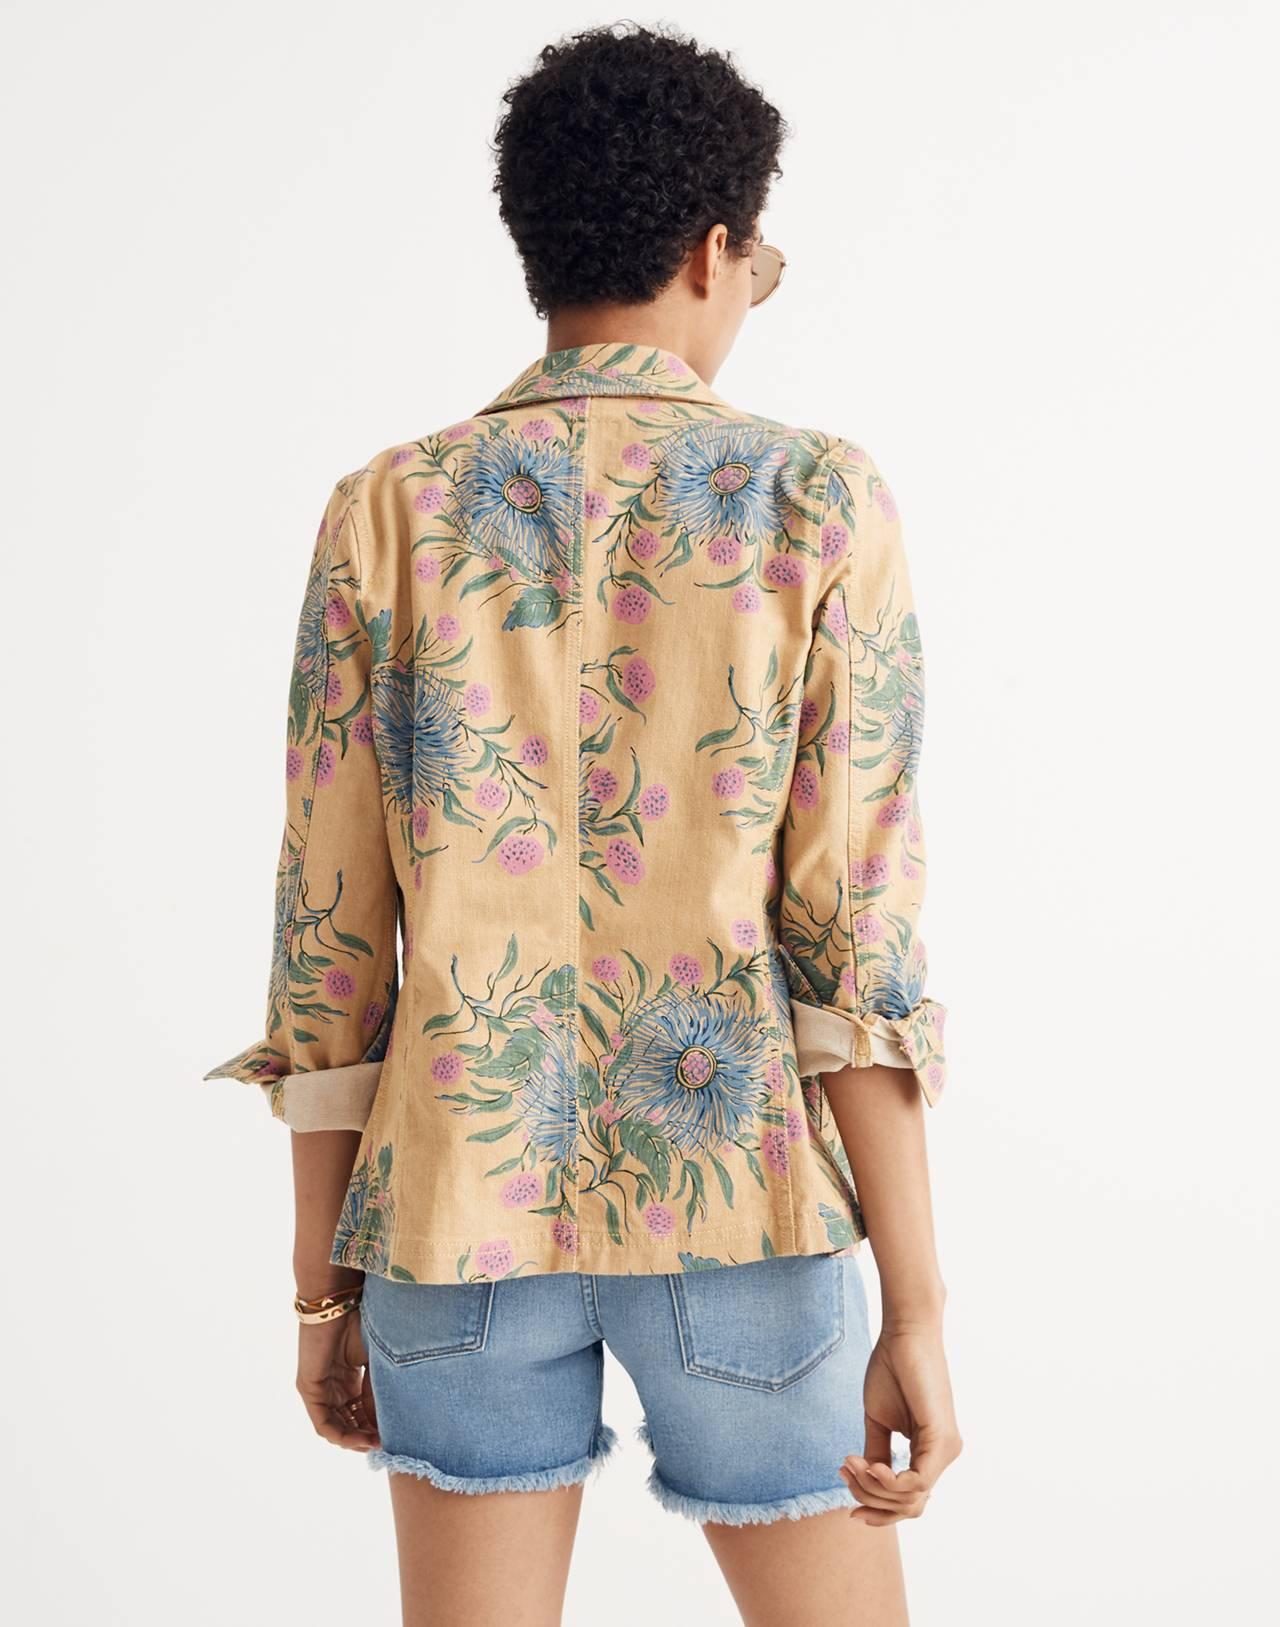 Tailored Workwear Jacket in Painted Blooms in van greek gold image 3